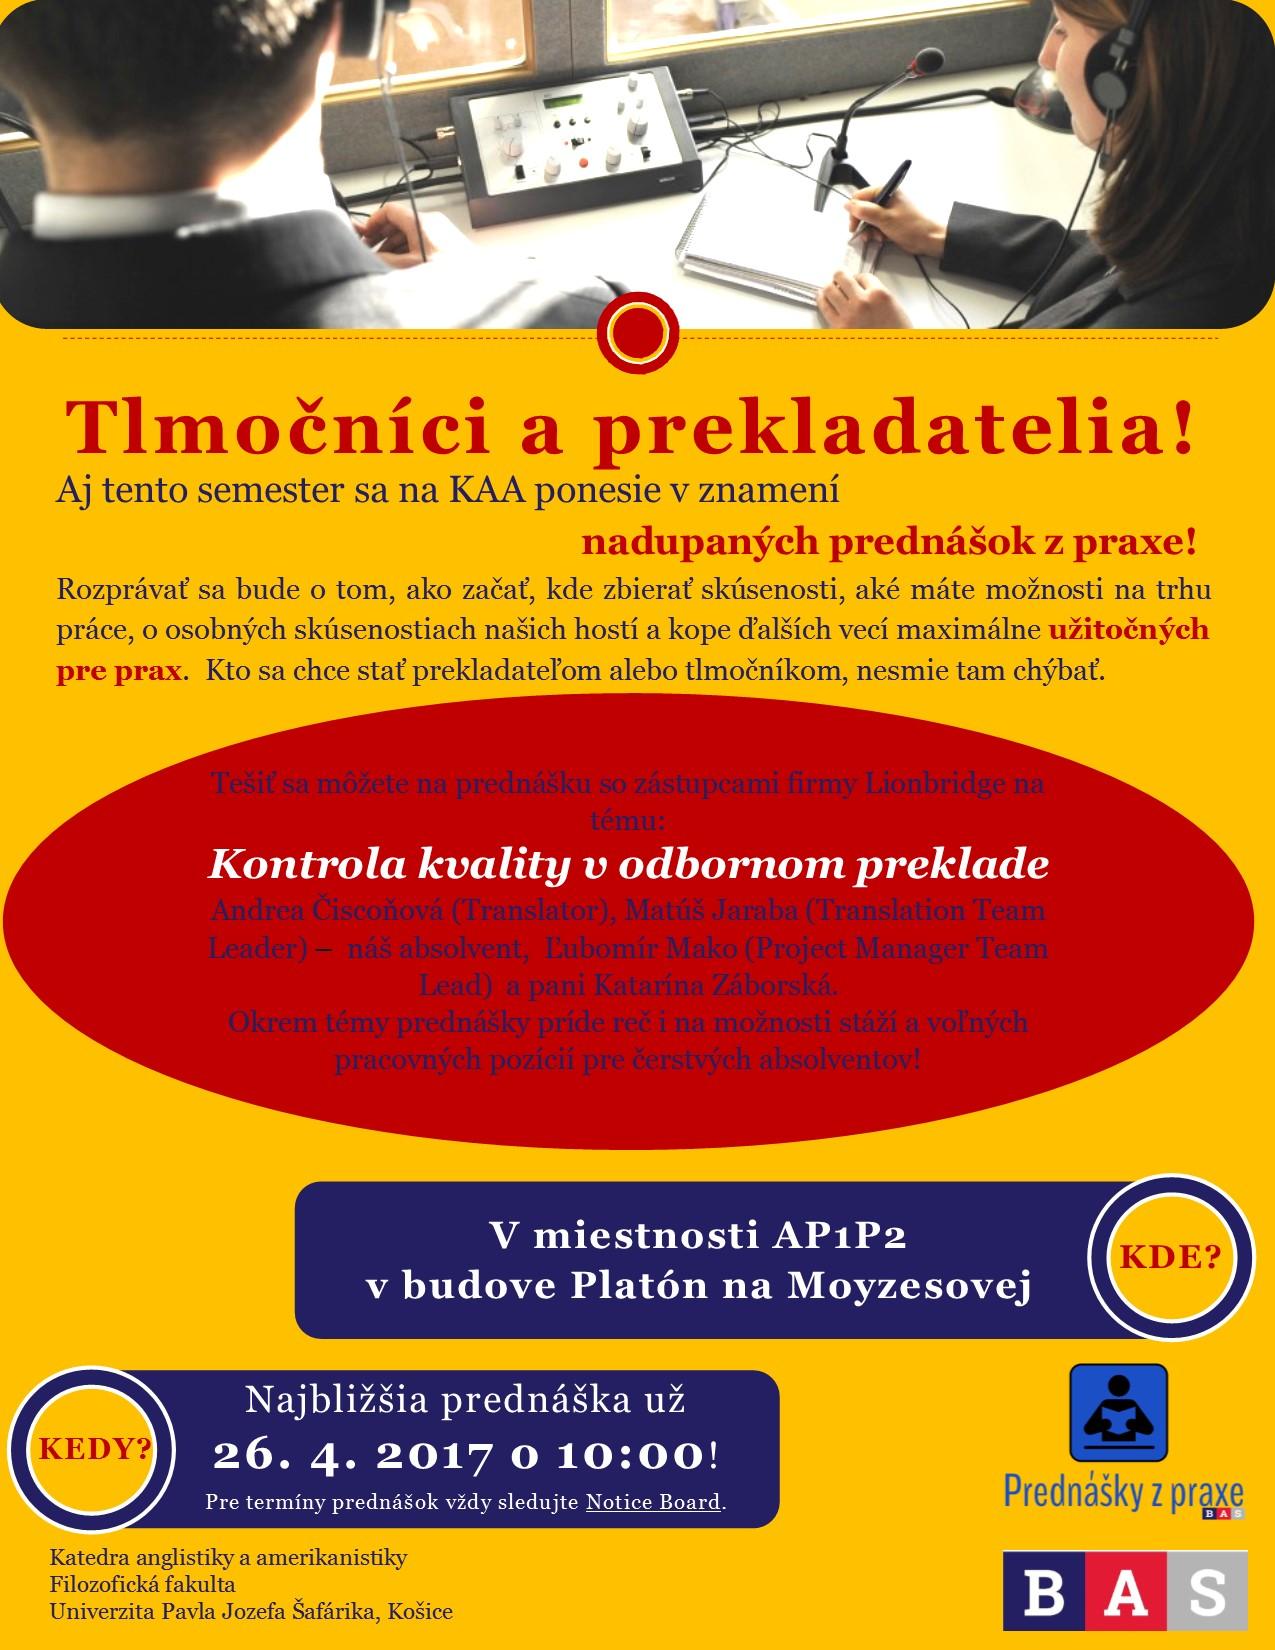 10:00 Prednáška z praxe Lionbridge: Kontrola kvality vodbornom preklade